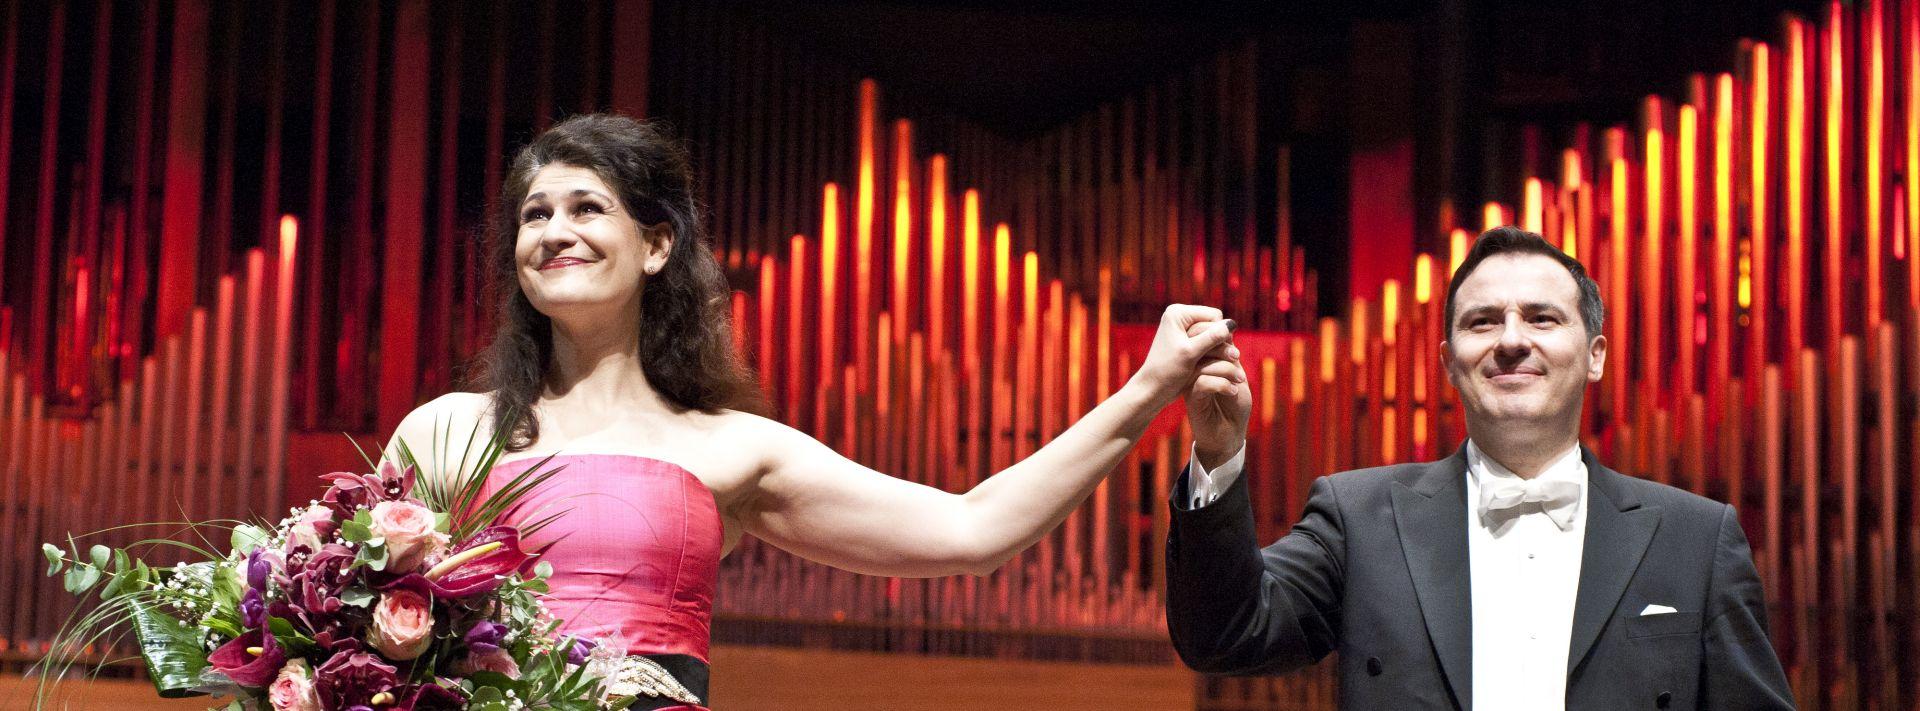 Najbolja sopranistica stoljeća Anja Harteros oduševila Zagreb u prepunom Lisinskom